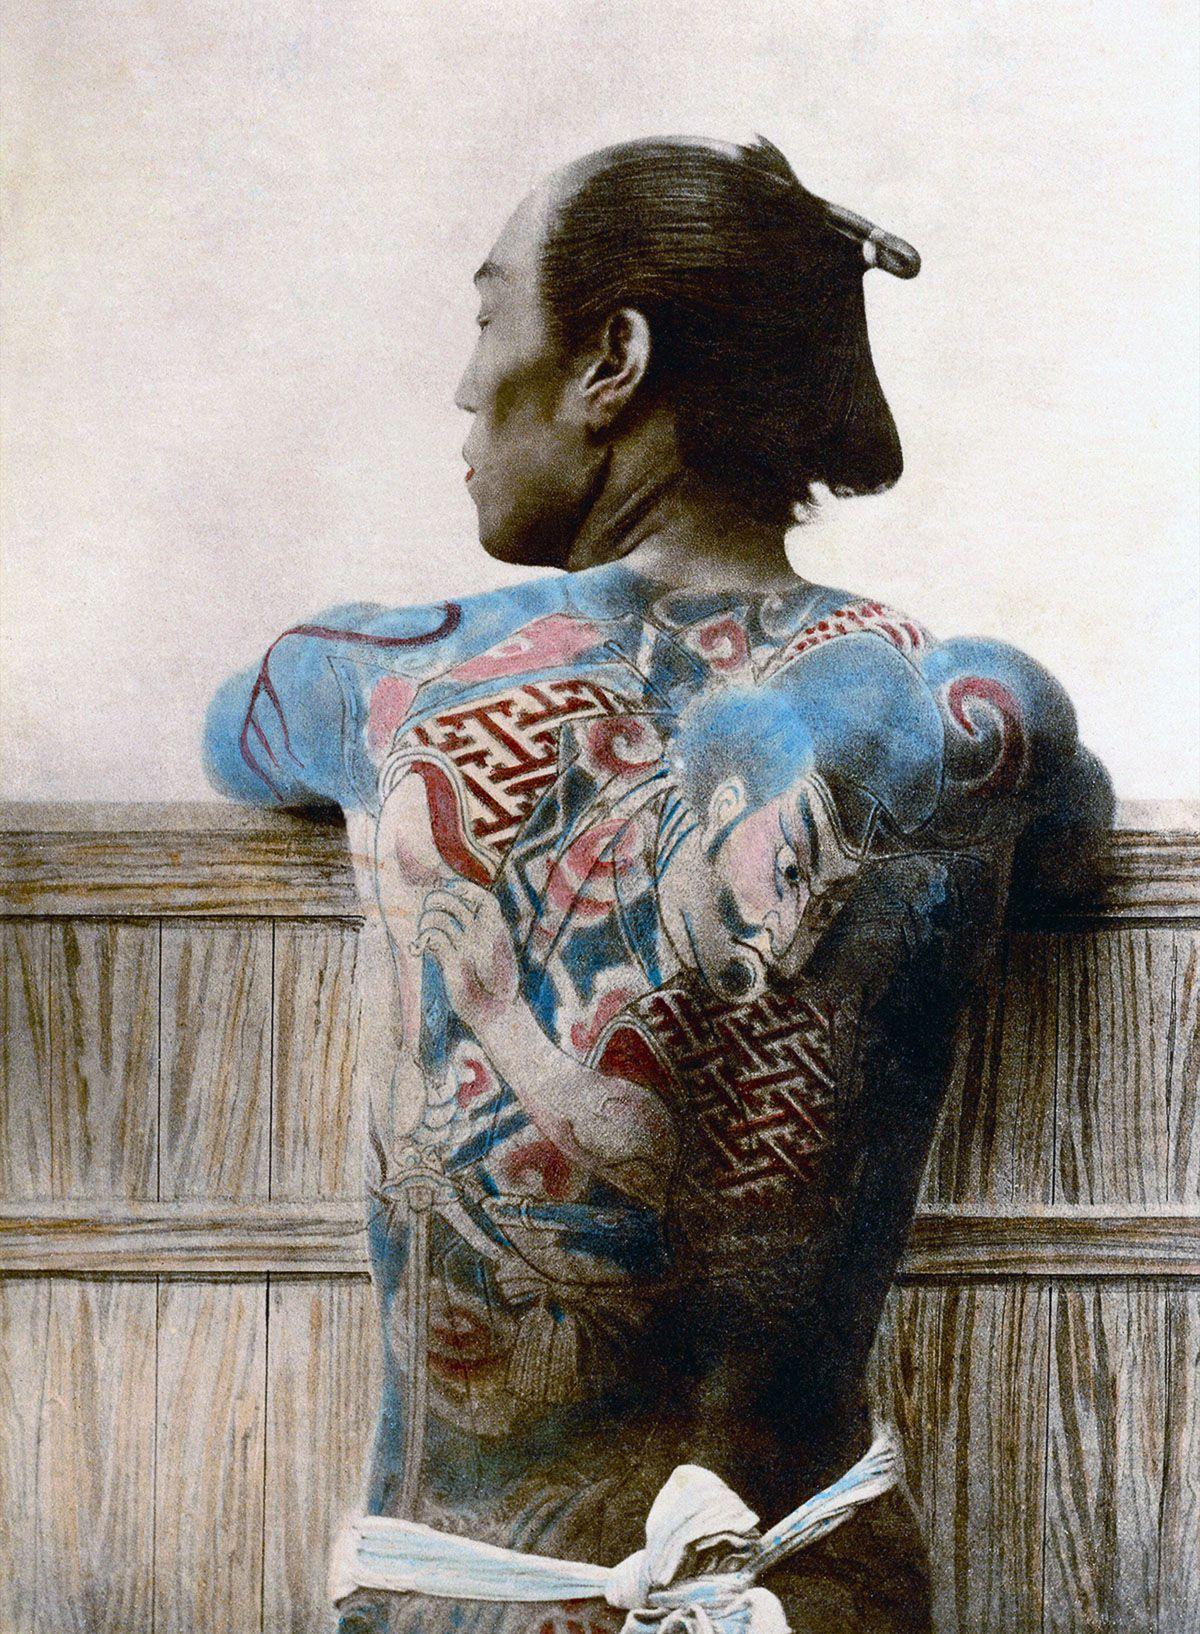 A vida e as tradições do Japão do século XIX em fotos colorizadas à mão 26